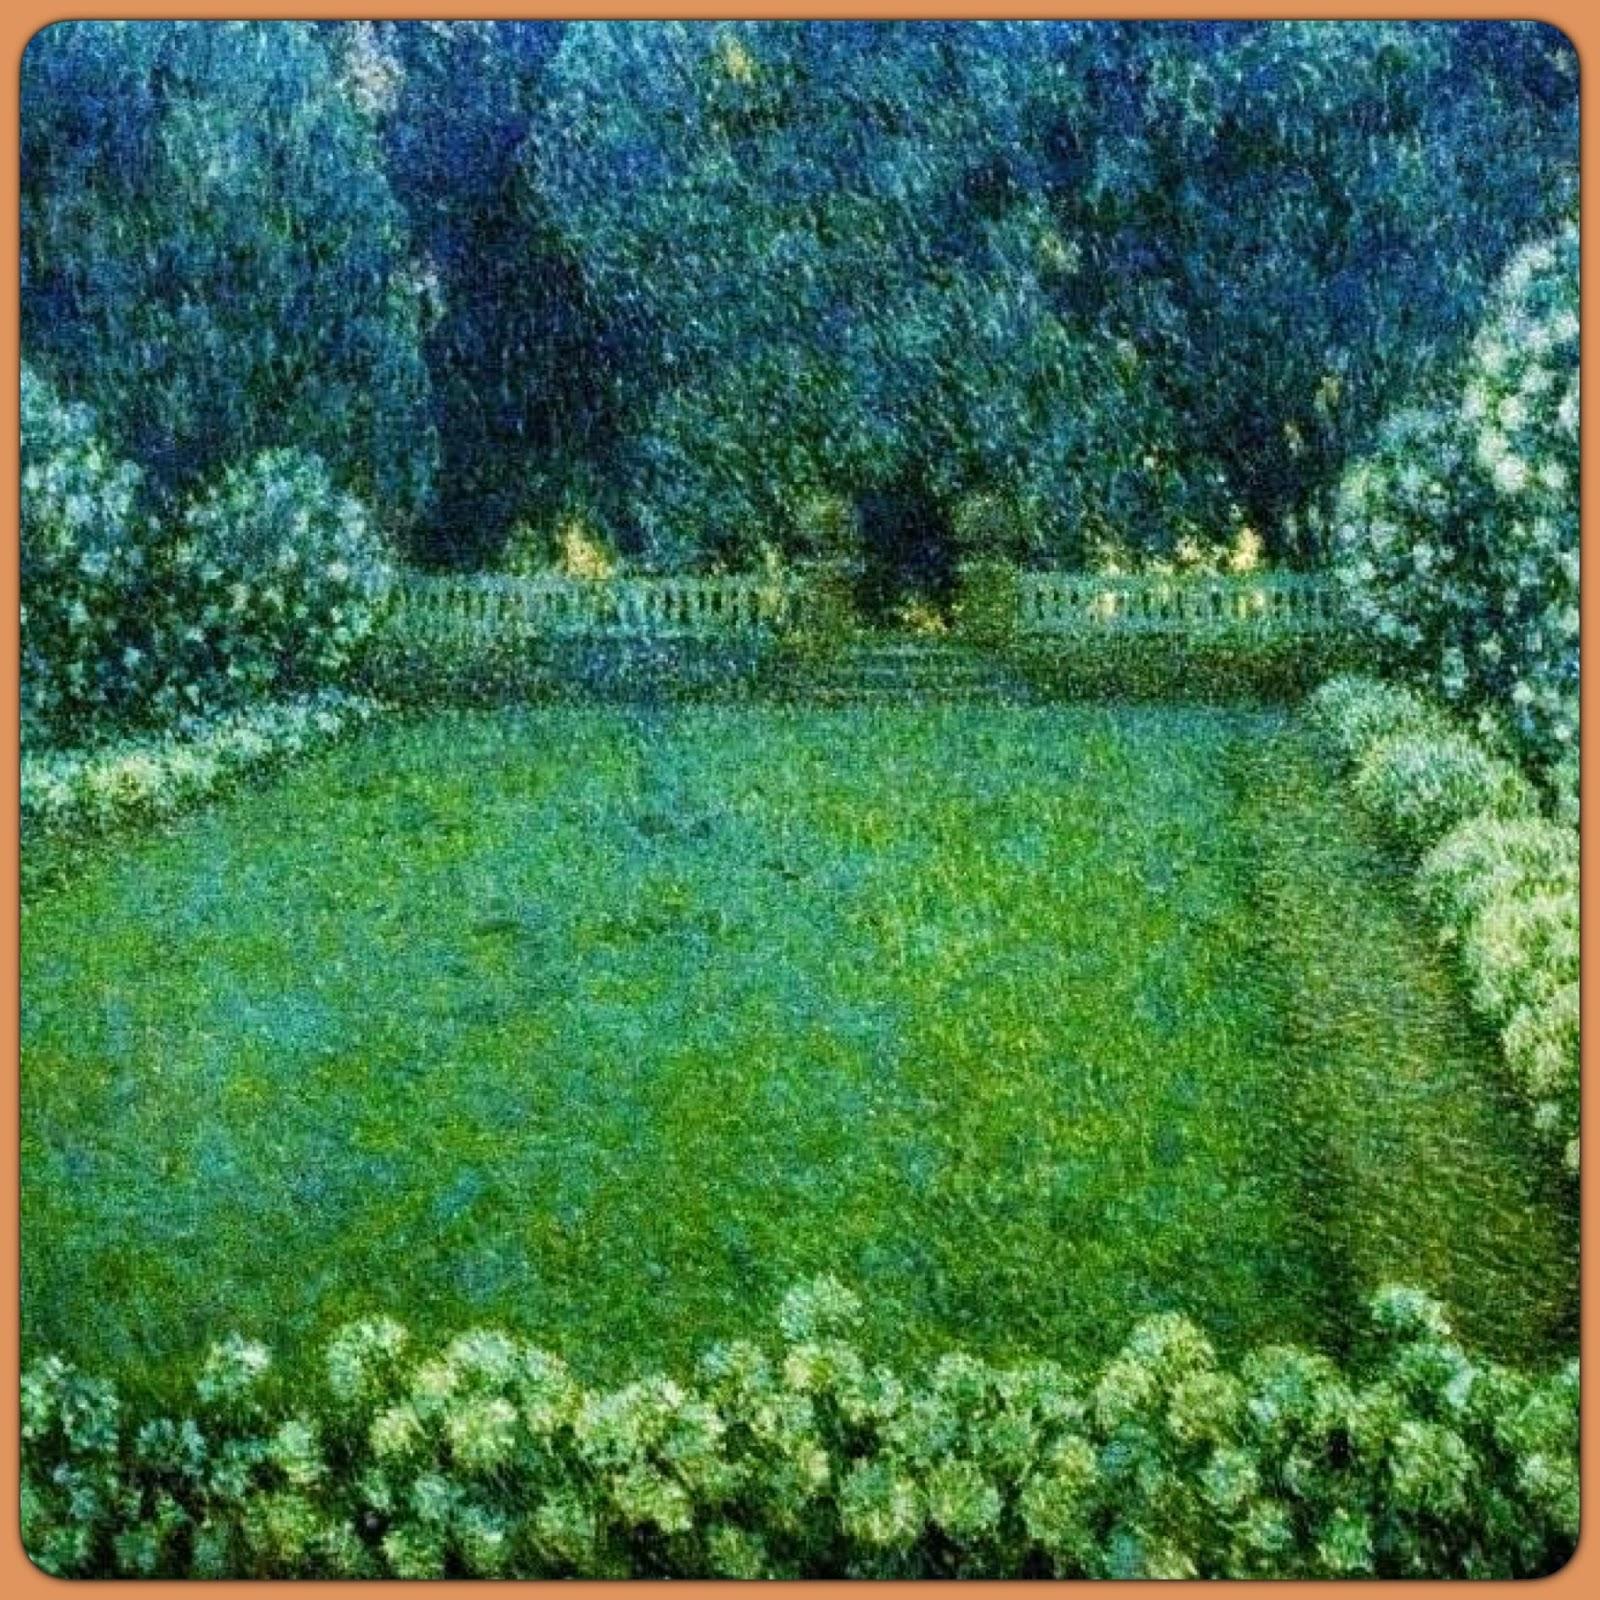 La morale - Candide il faut cultiver notre jardin ...